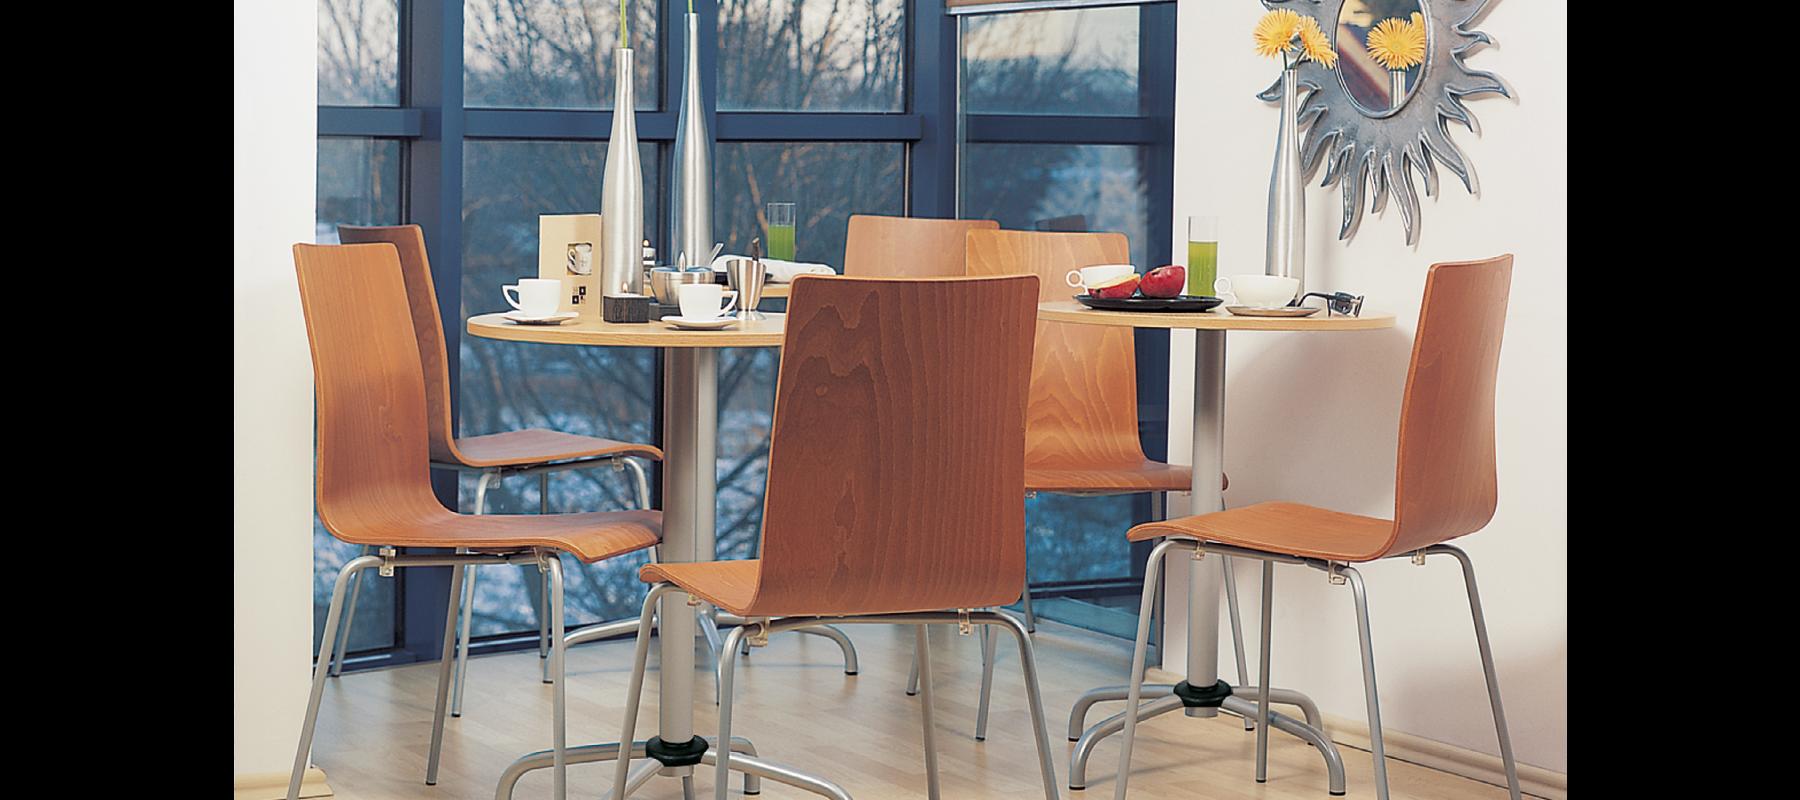 krzesła stacjonarne cafe aranżacje - 12